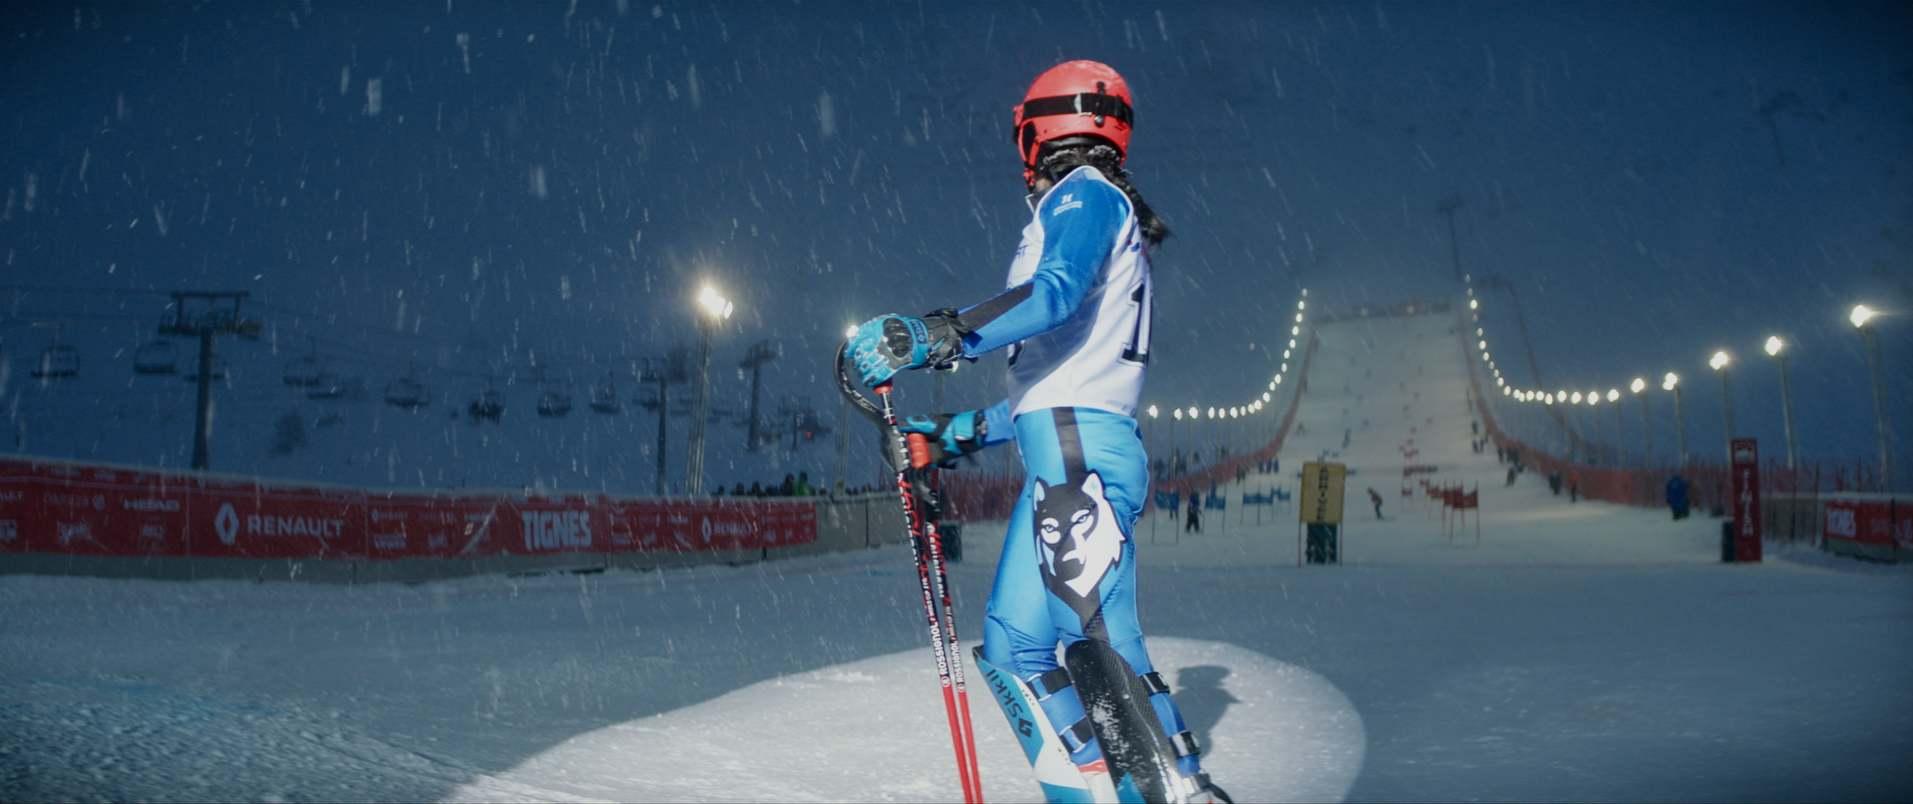 Slalom - Até O Limite